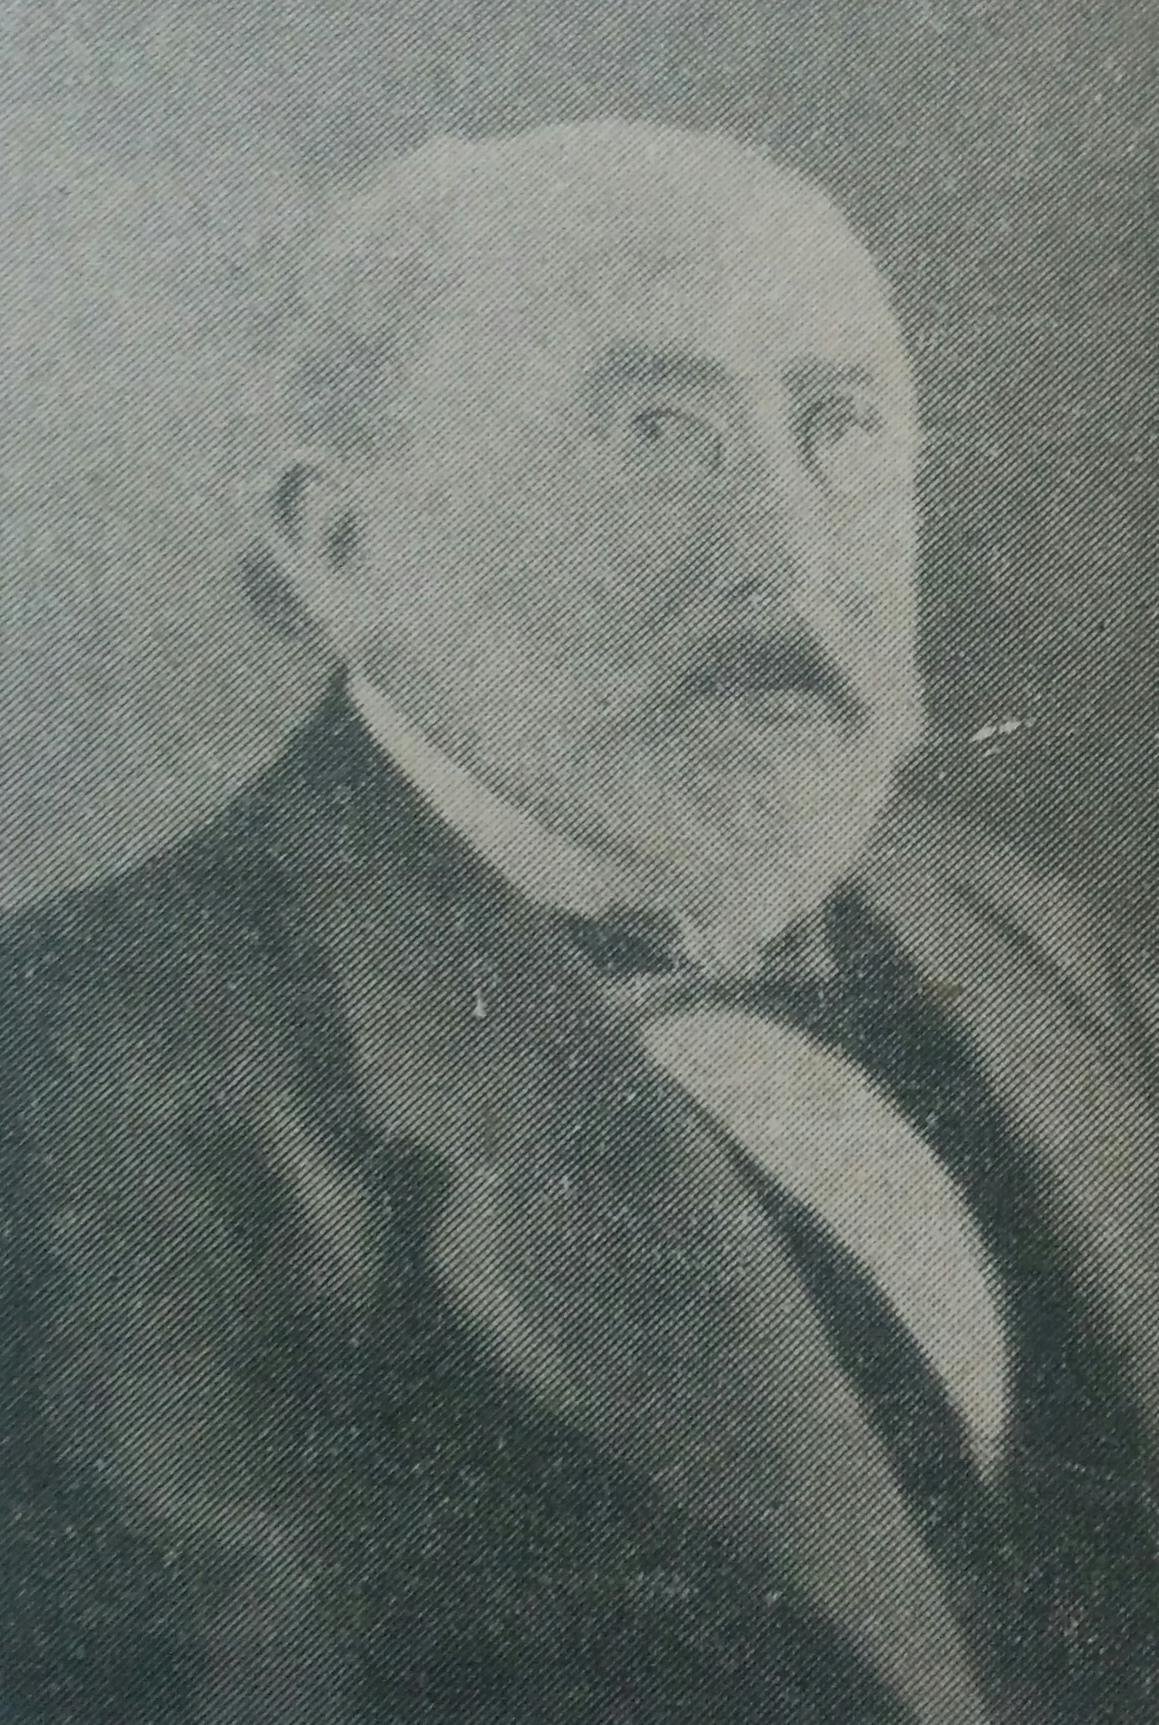 El poeta Pedro Bonifacio Palacios, Almafuerte (1854-1917).